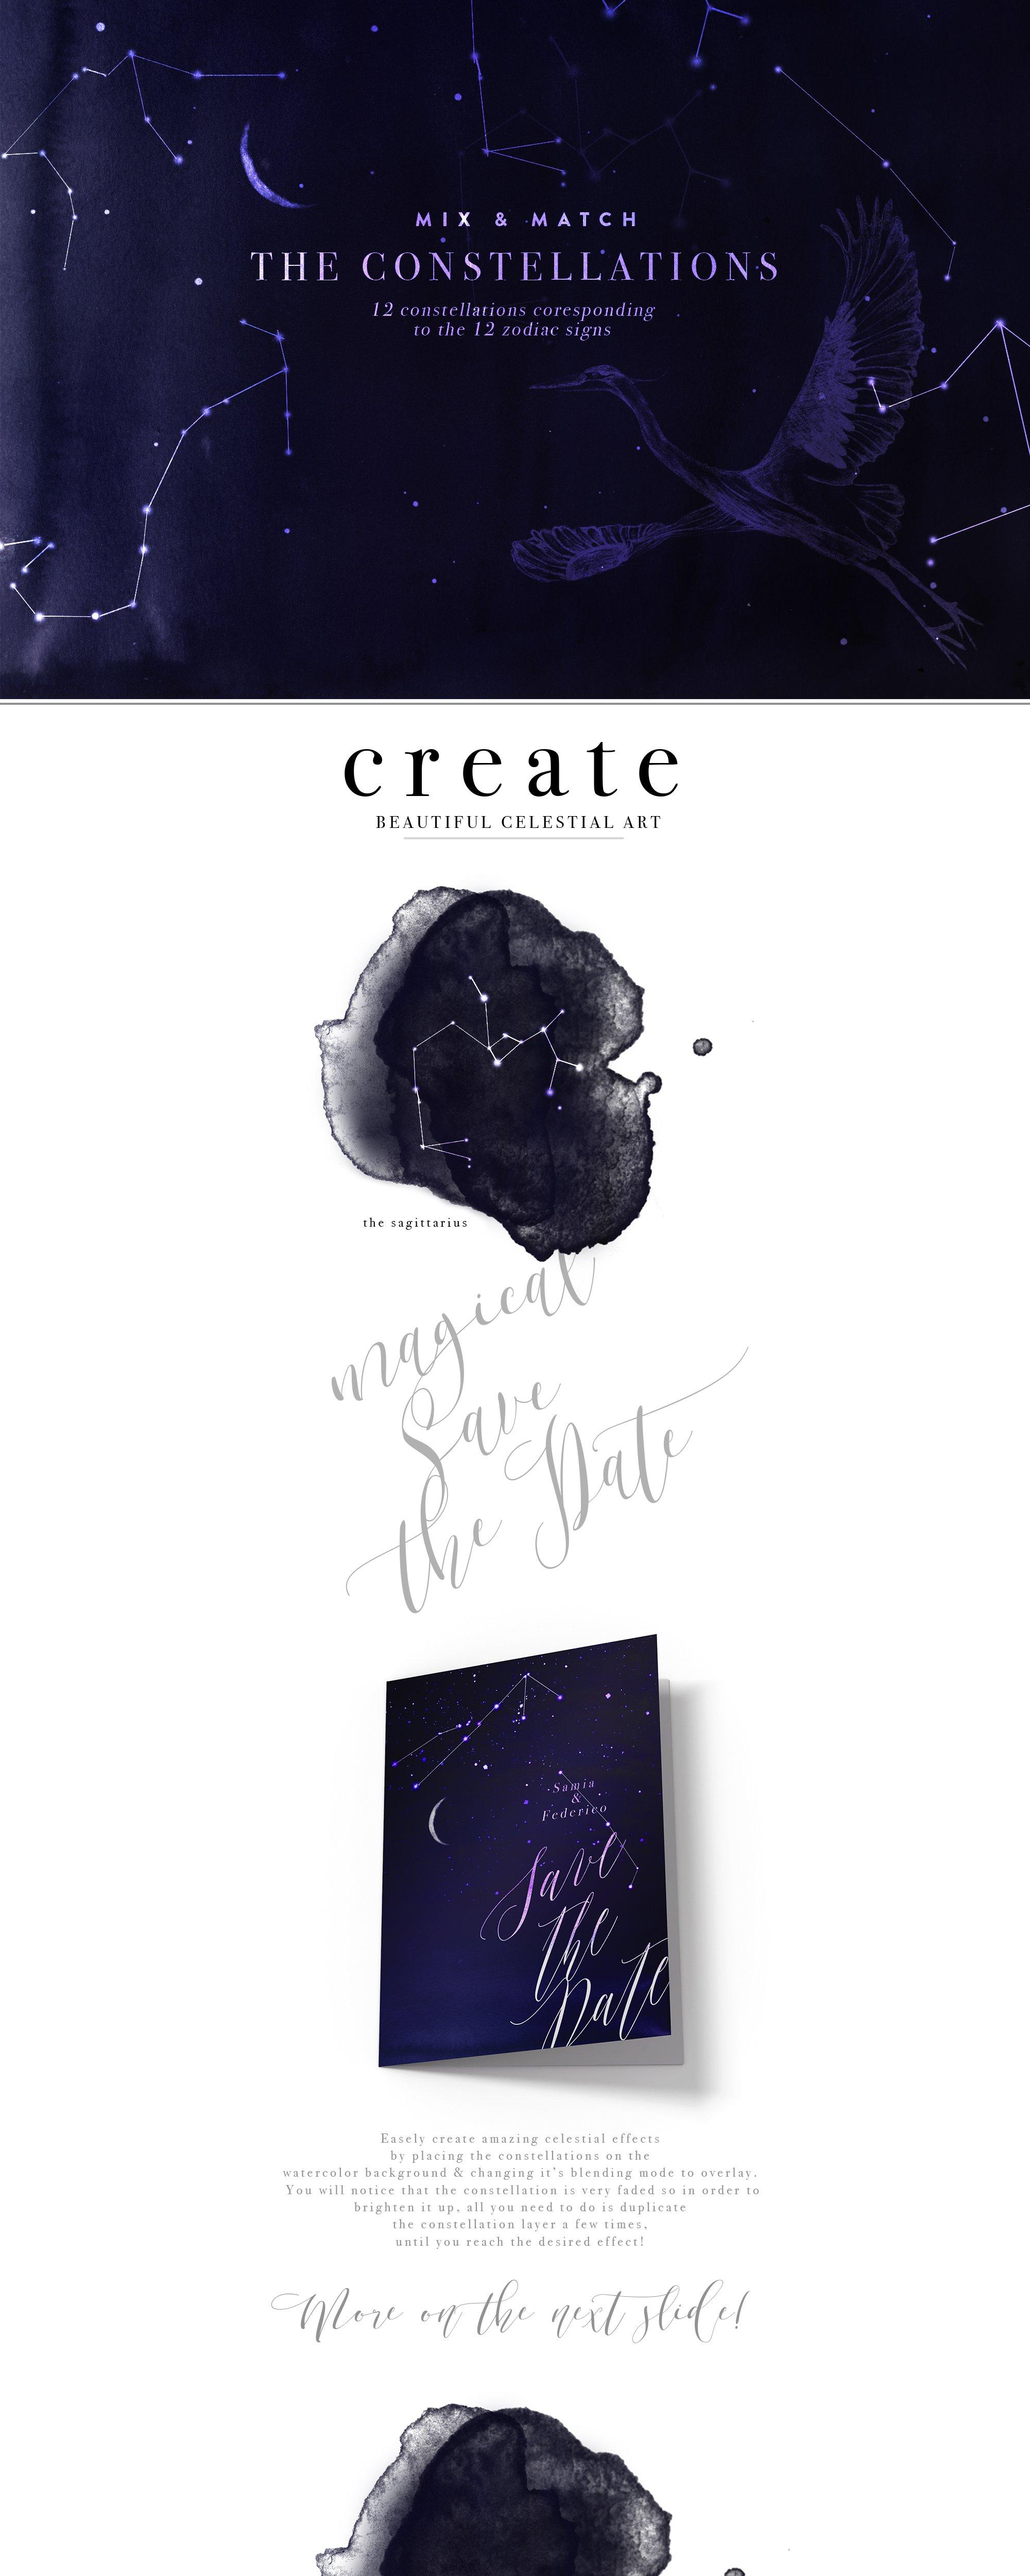 神奇星空字母水墨背景PNG透明图片设计素材 Starcrossed – Starry Design Set插图6